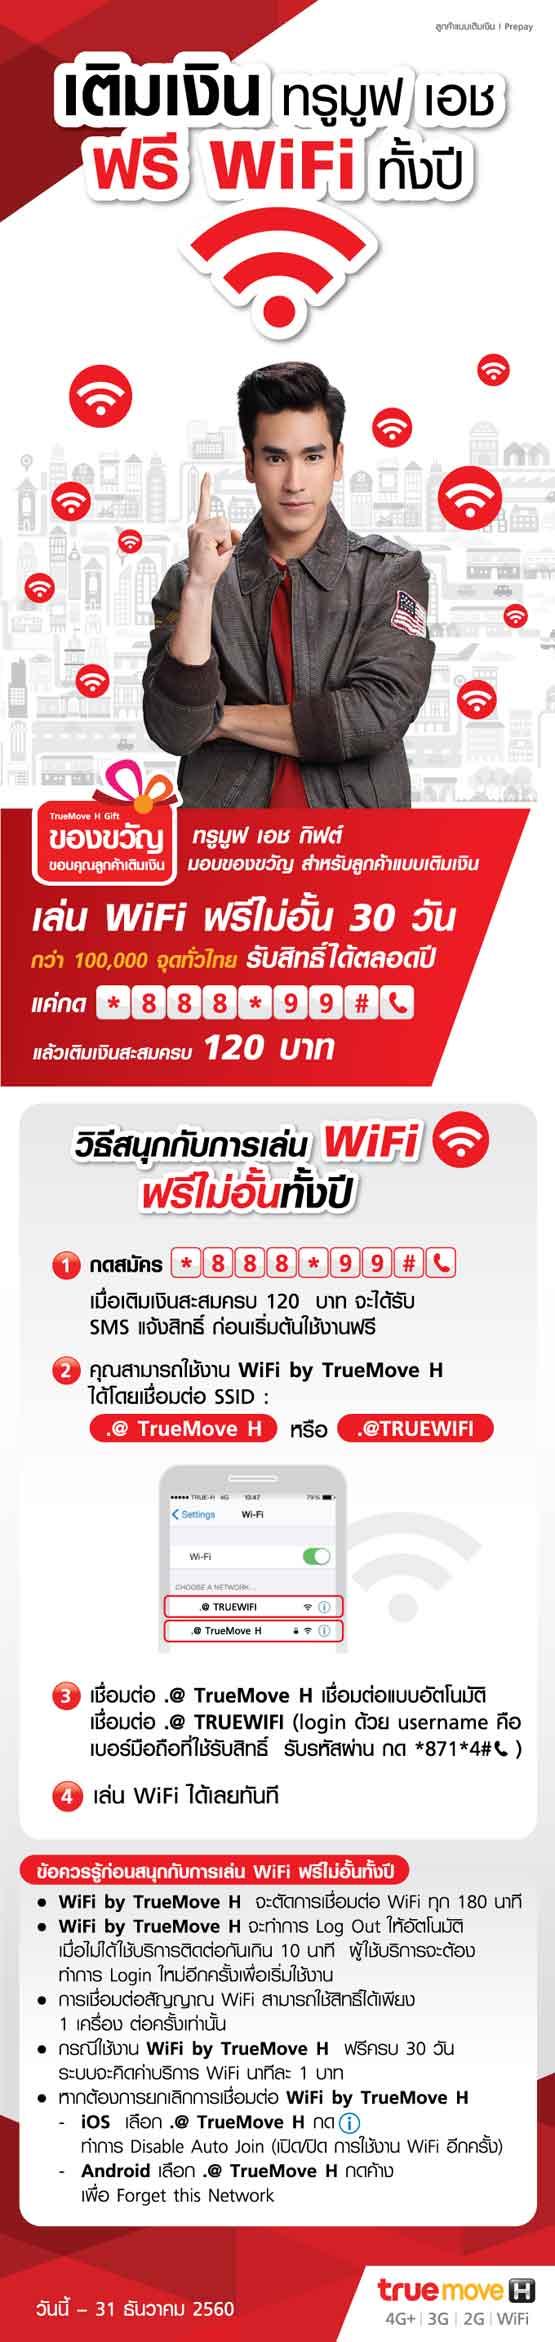 เติมเงินสะสมครบตามปริมาณที่กำหนด ช่องทางใดก็ได้ รับสิทธิ์เล่น WiFi ฟรีไม่อั้น 30 วัน ตั้งแต่ วันนี้ – ธันวาคม 2560